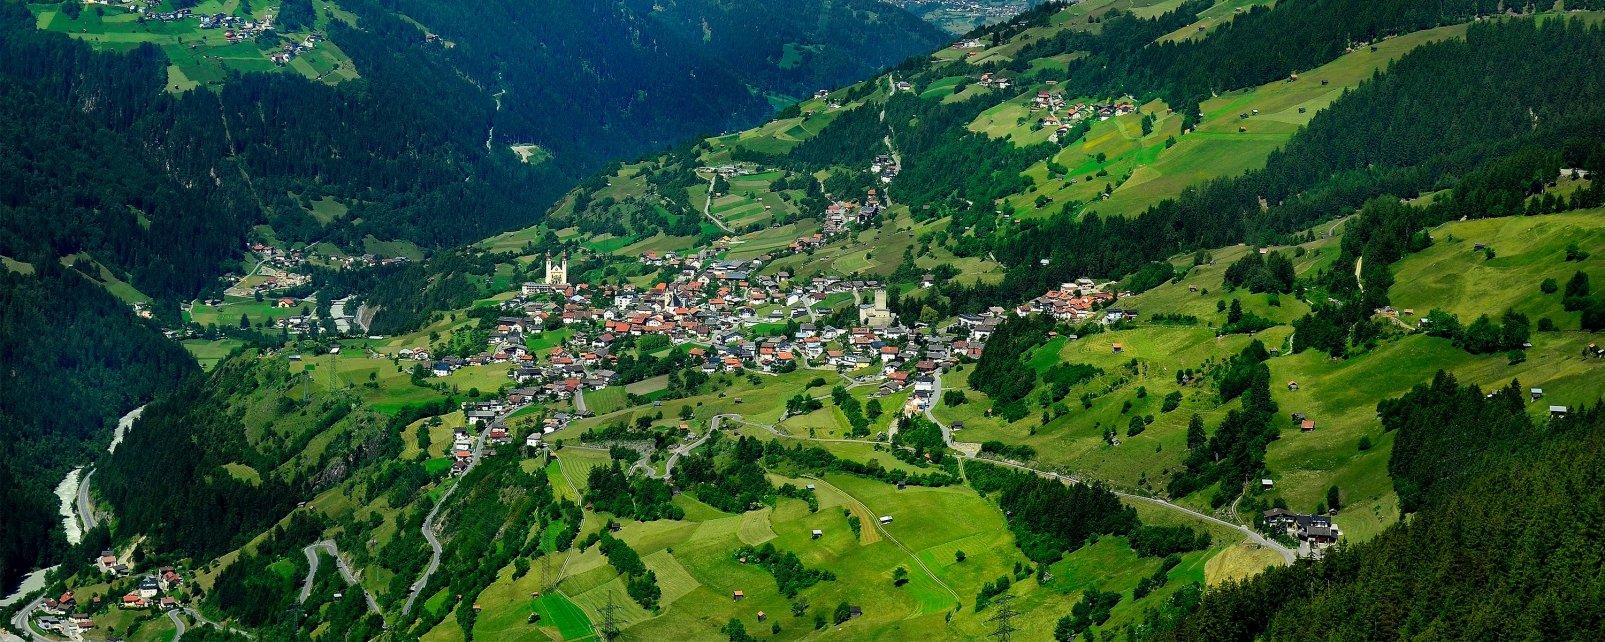 Tirol, Le Tyrol, Die Landschaften, Innsbruck, Österreich